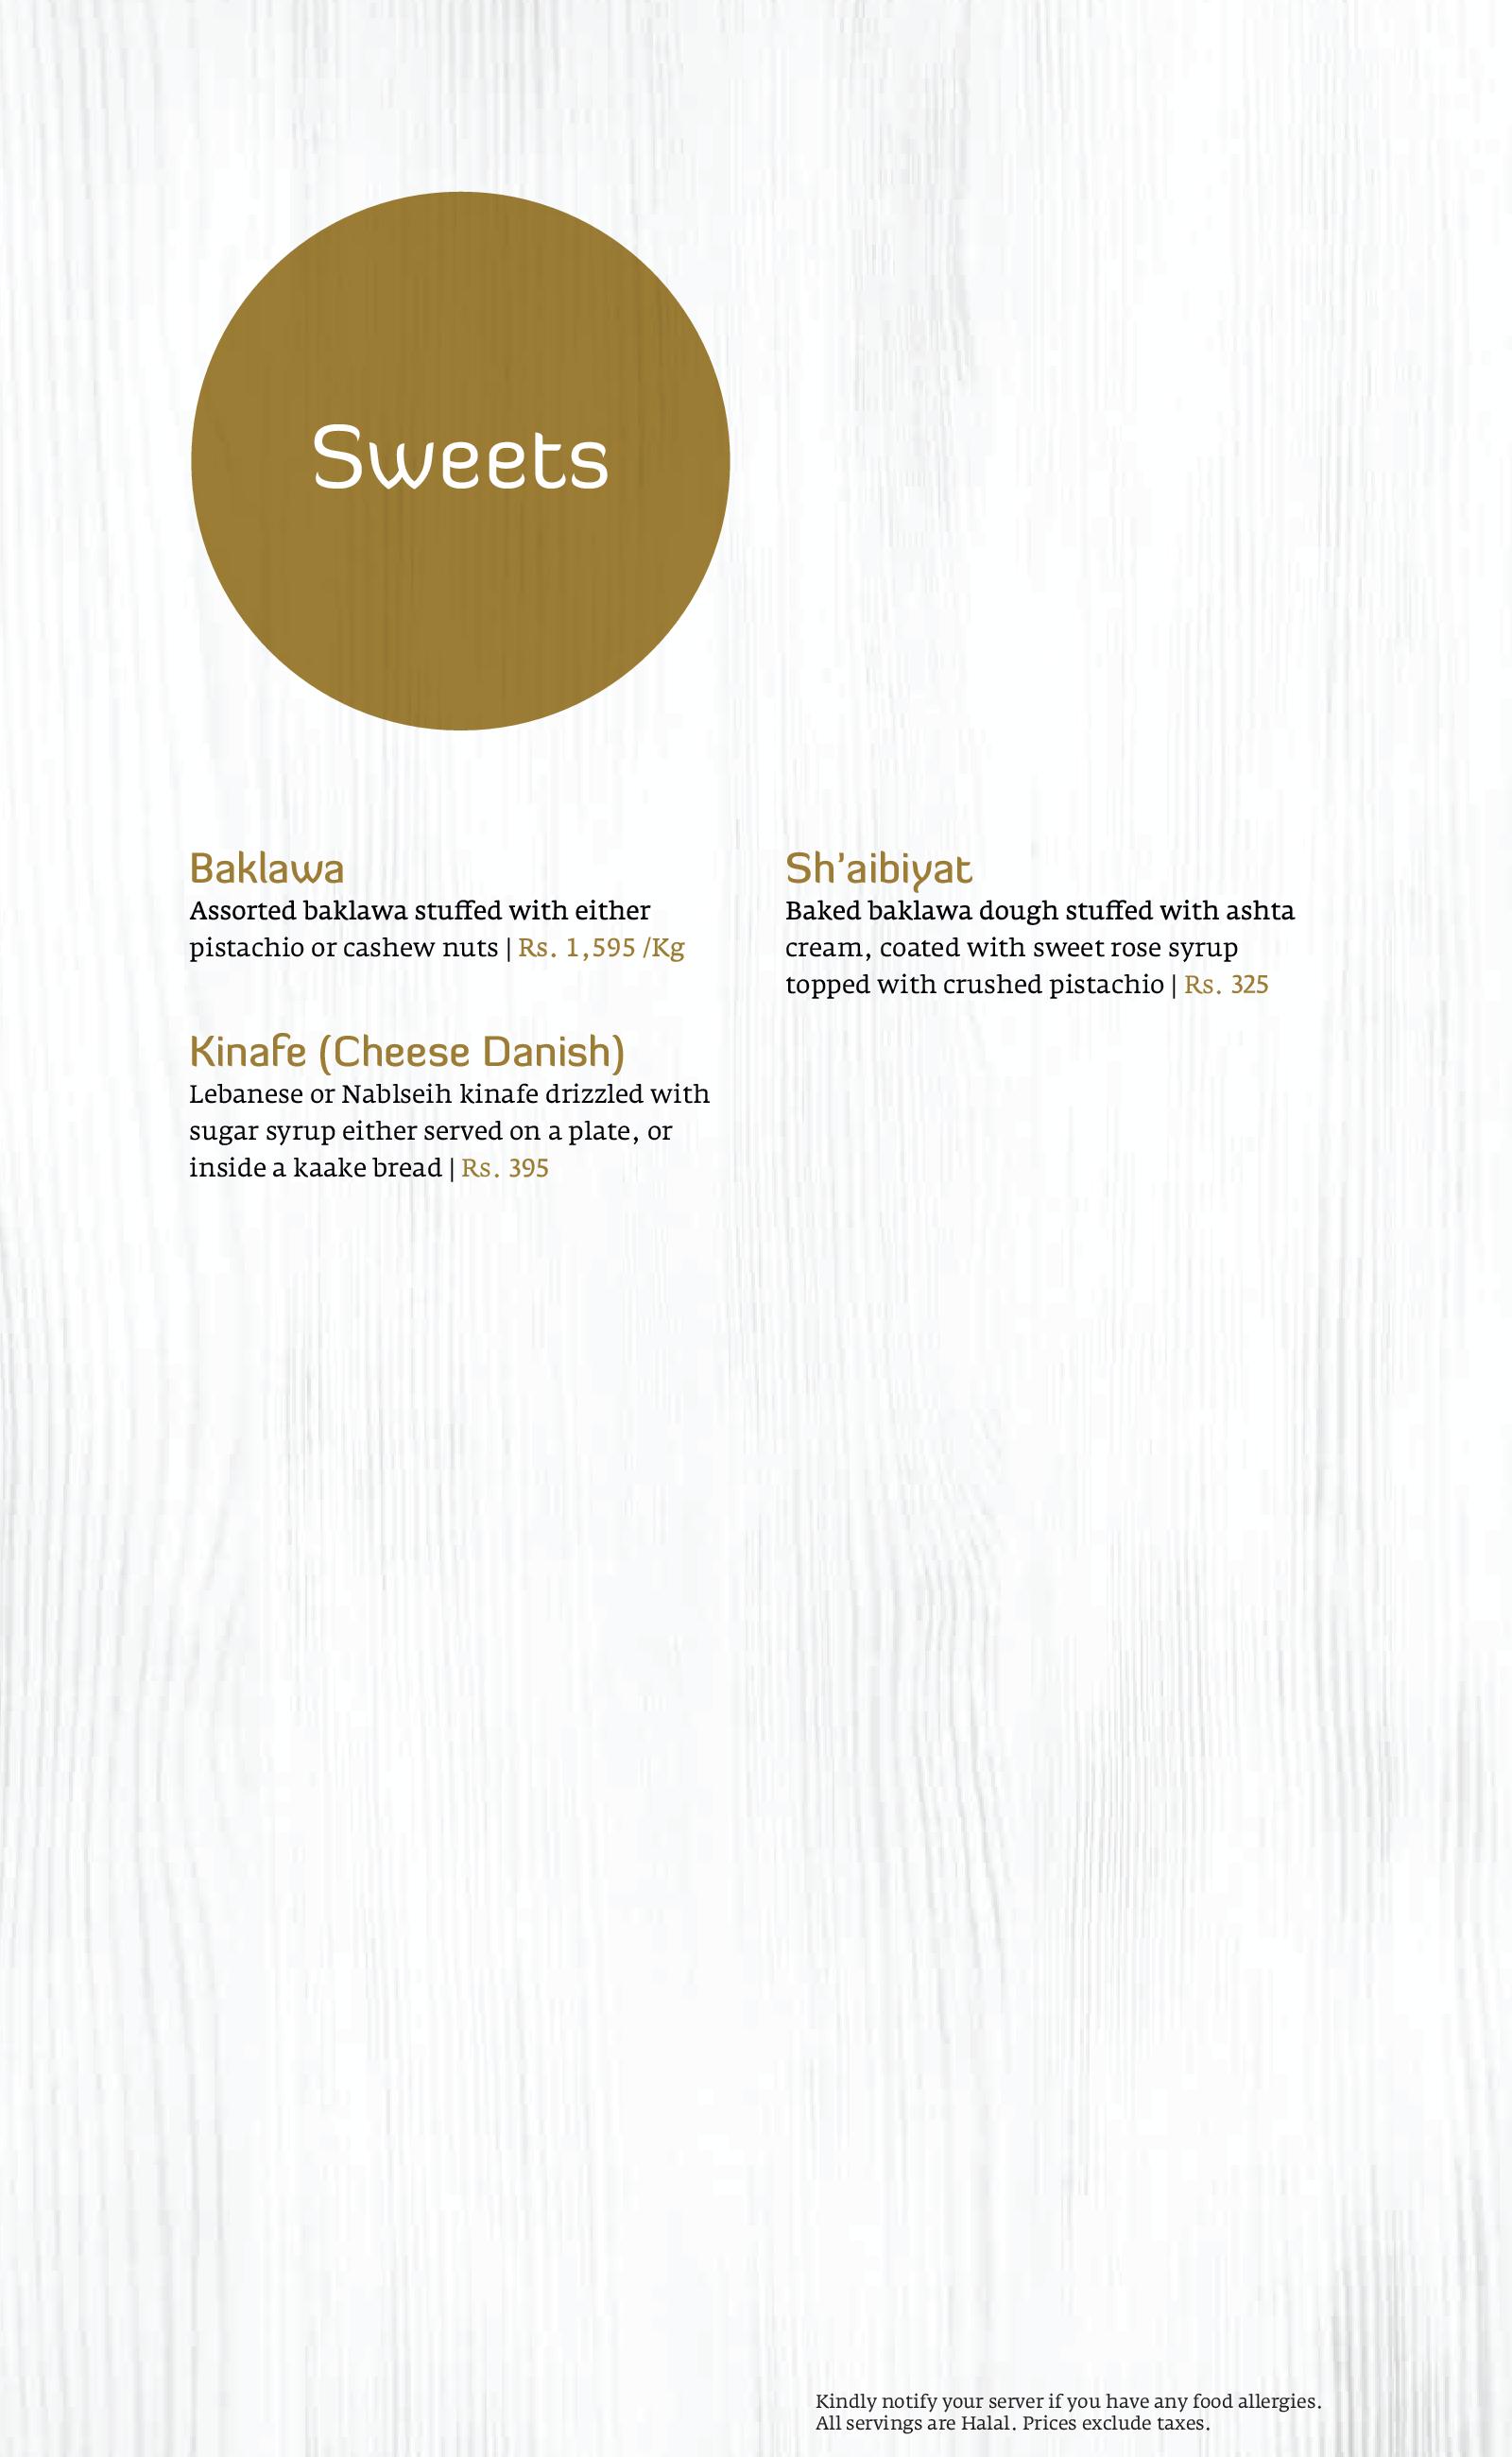 011-insert-menu-sweets-f-cs6_pk